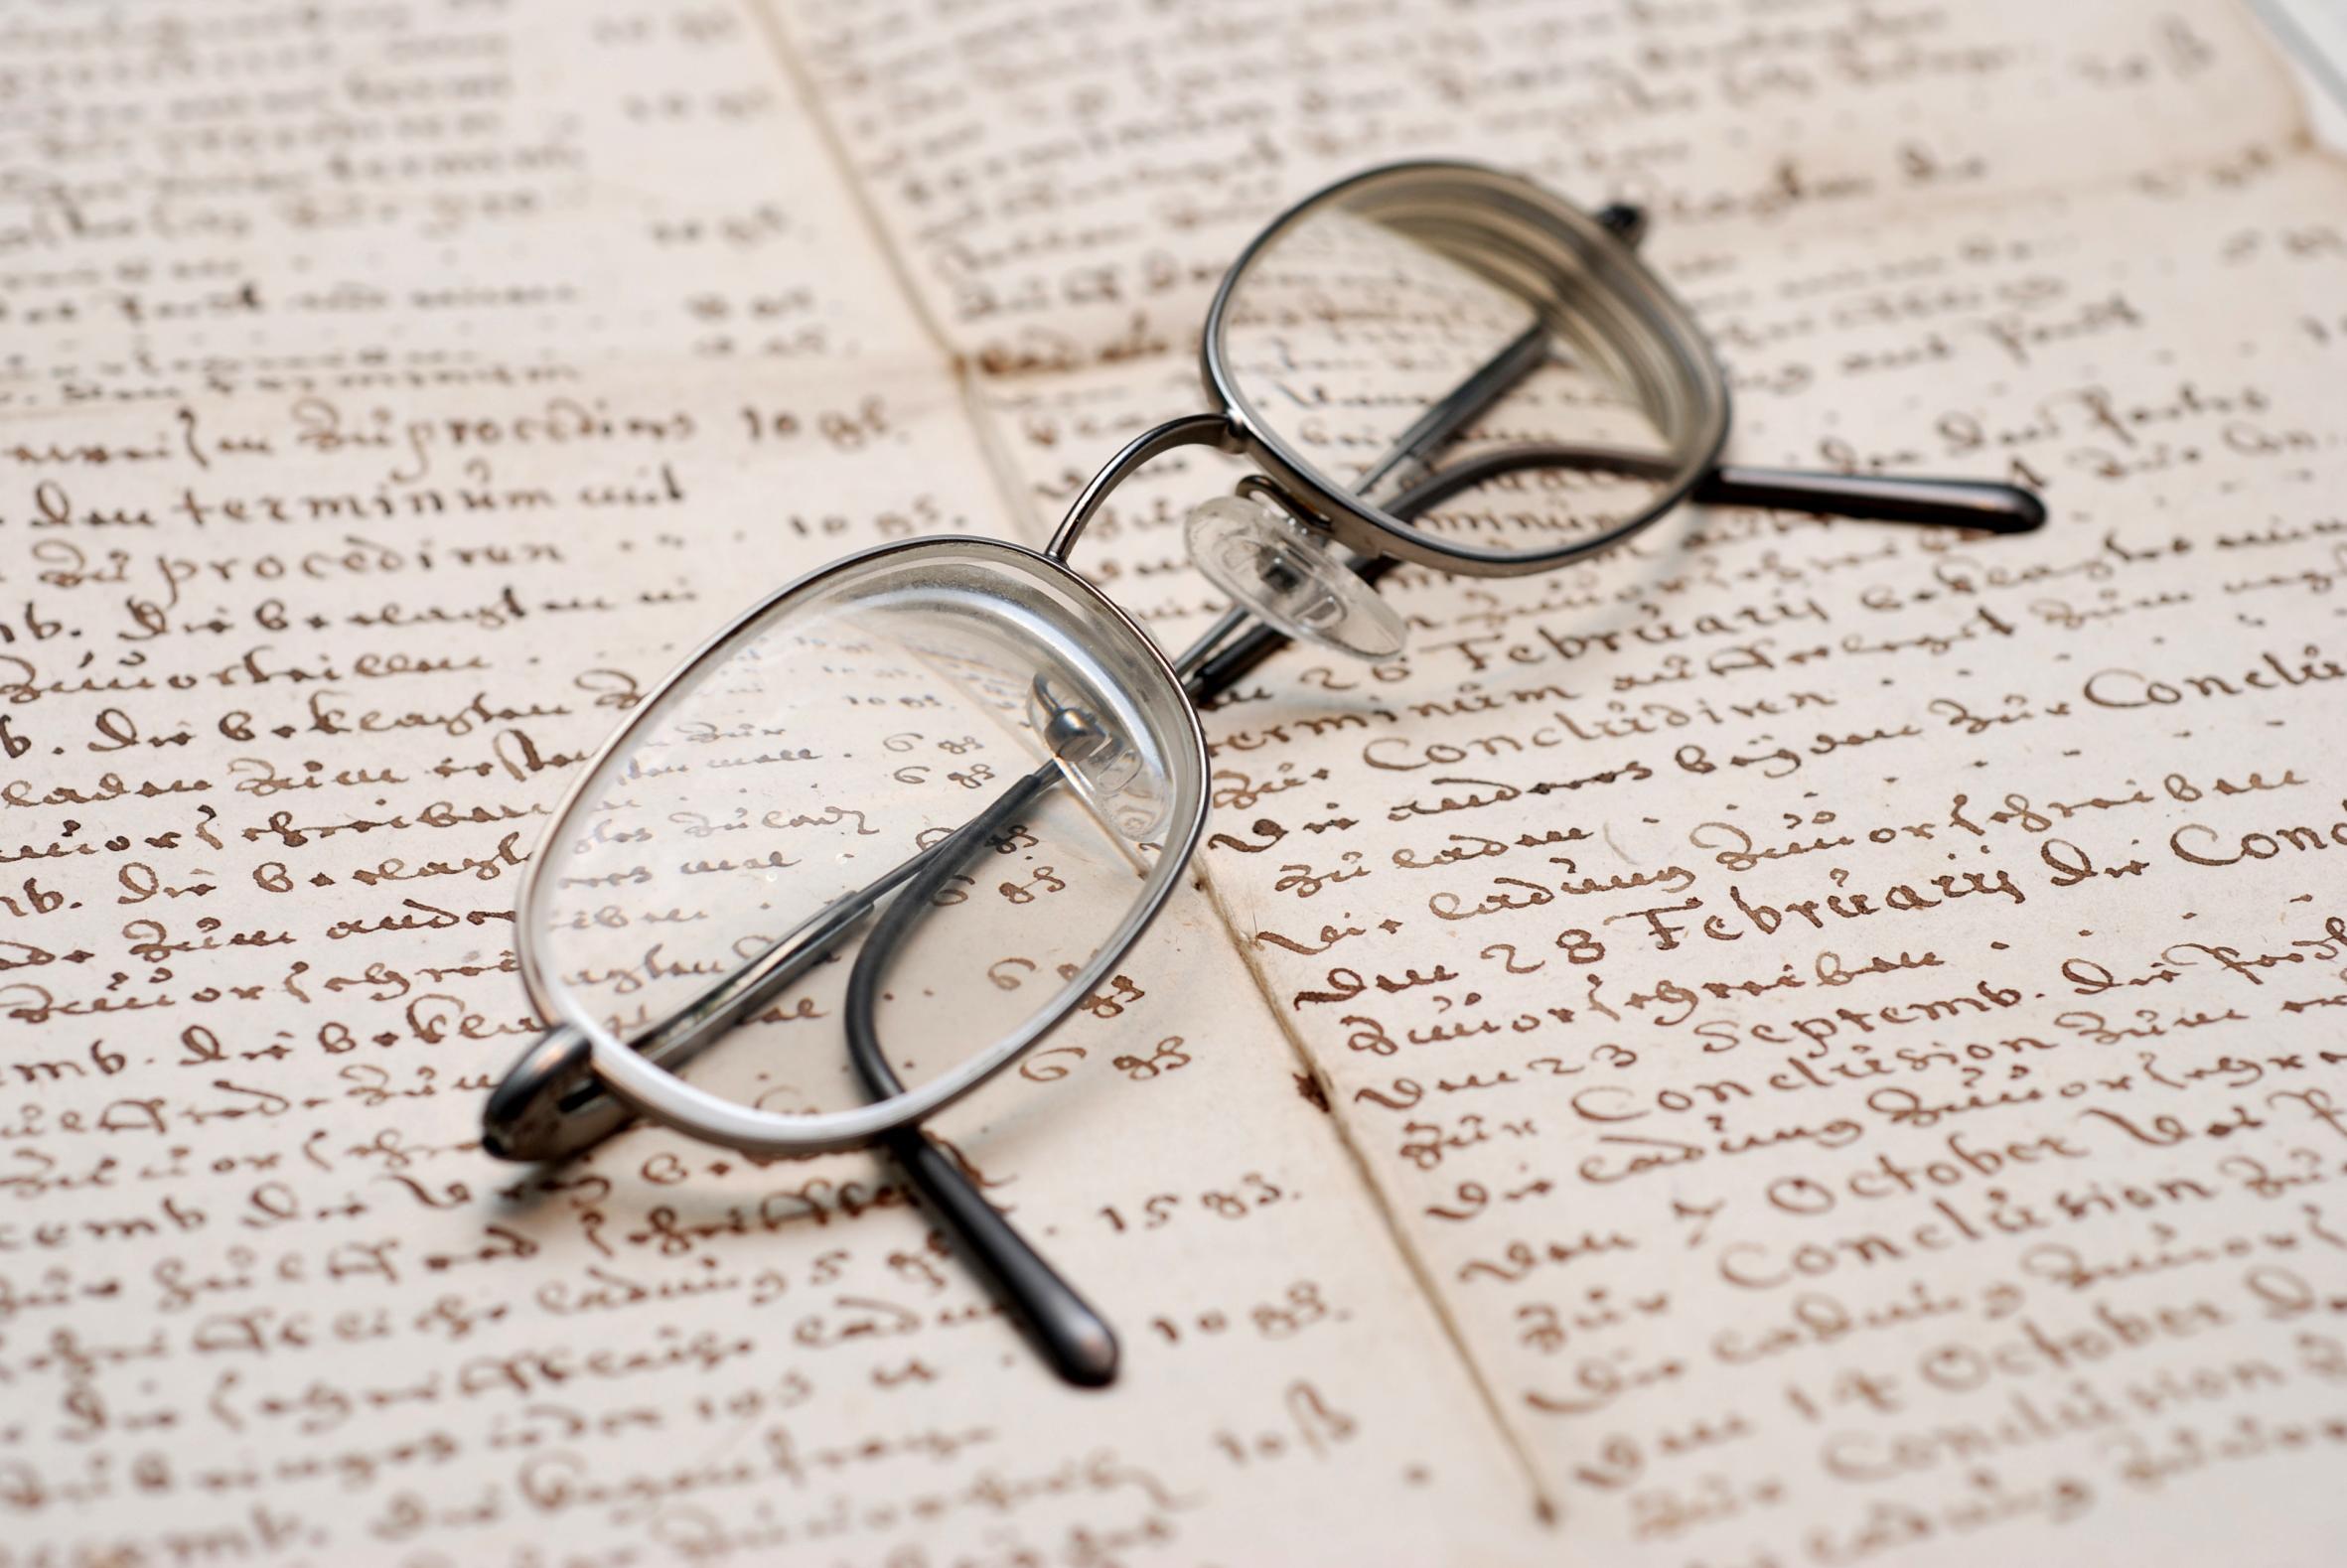 Corrección y revisión de toda clase de documentos: Servicios de Traducciones Elche, S.L.